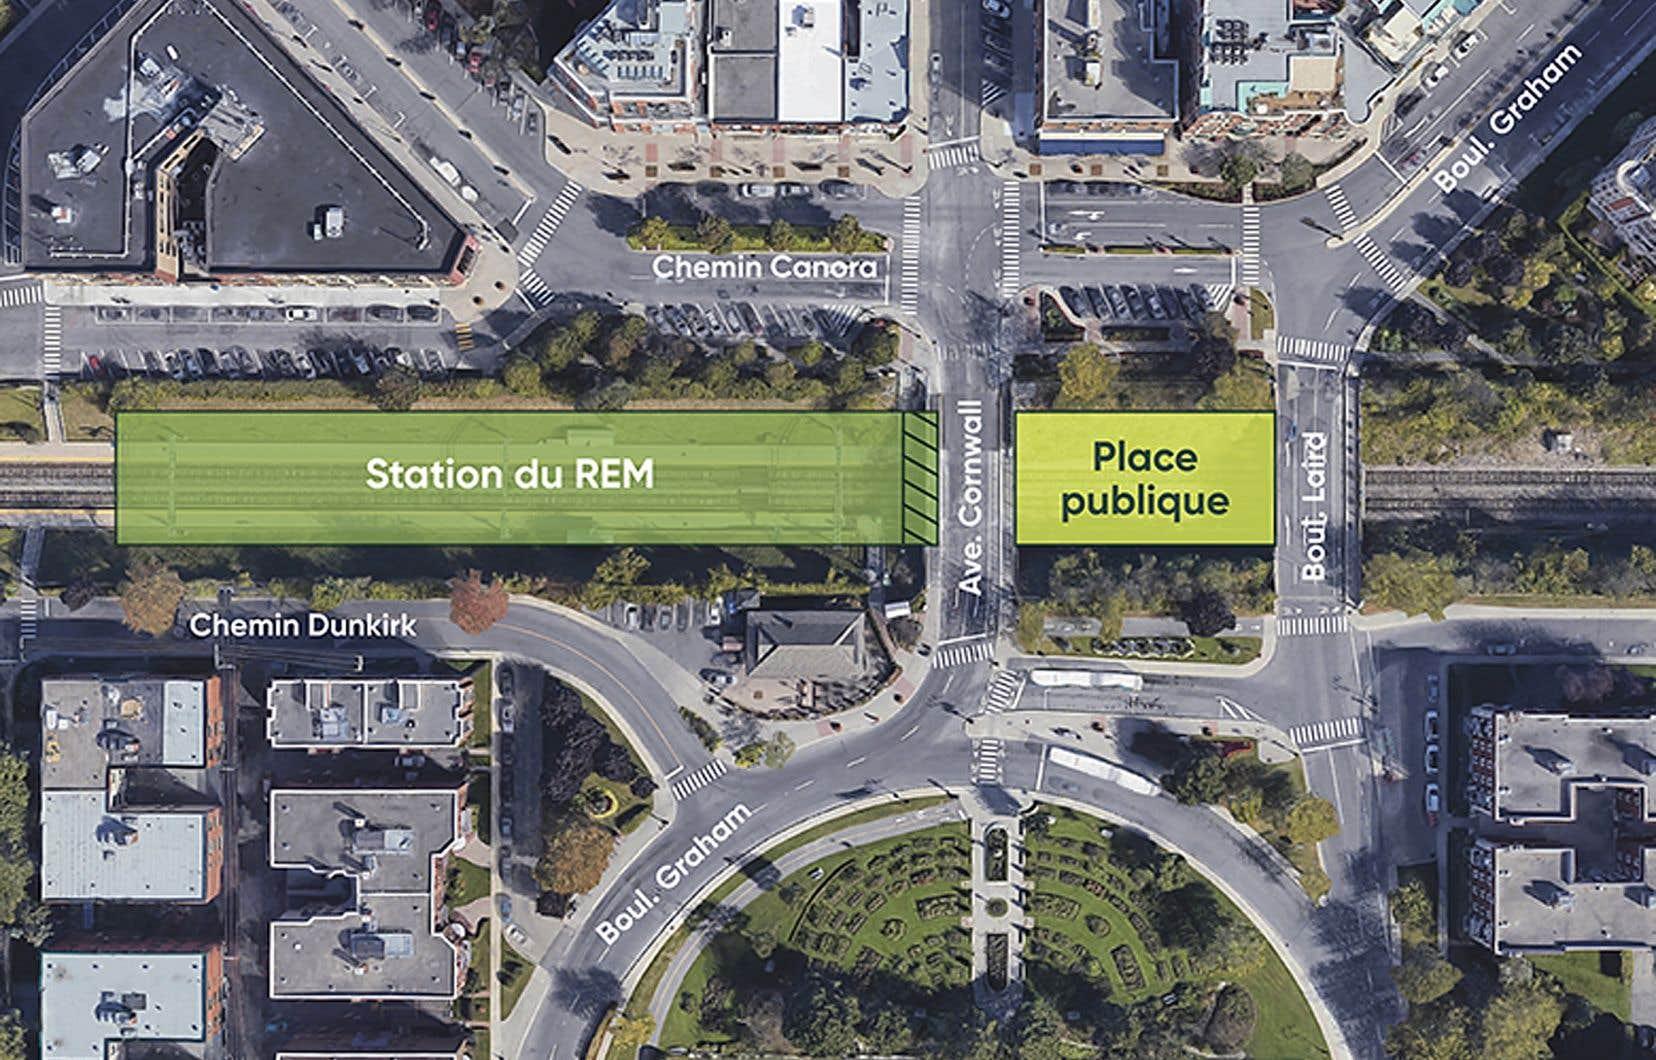 Cette nouvelle place publique — qui unifiera le centre-ville de Mont-Royal — permettra d'éliminer le projet de passerelle prévu initialement dans le projet du REM afin d'enjamber les rails.